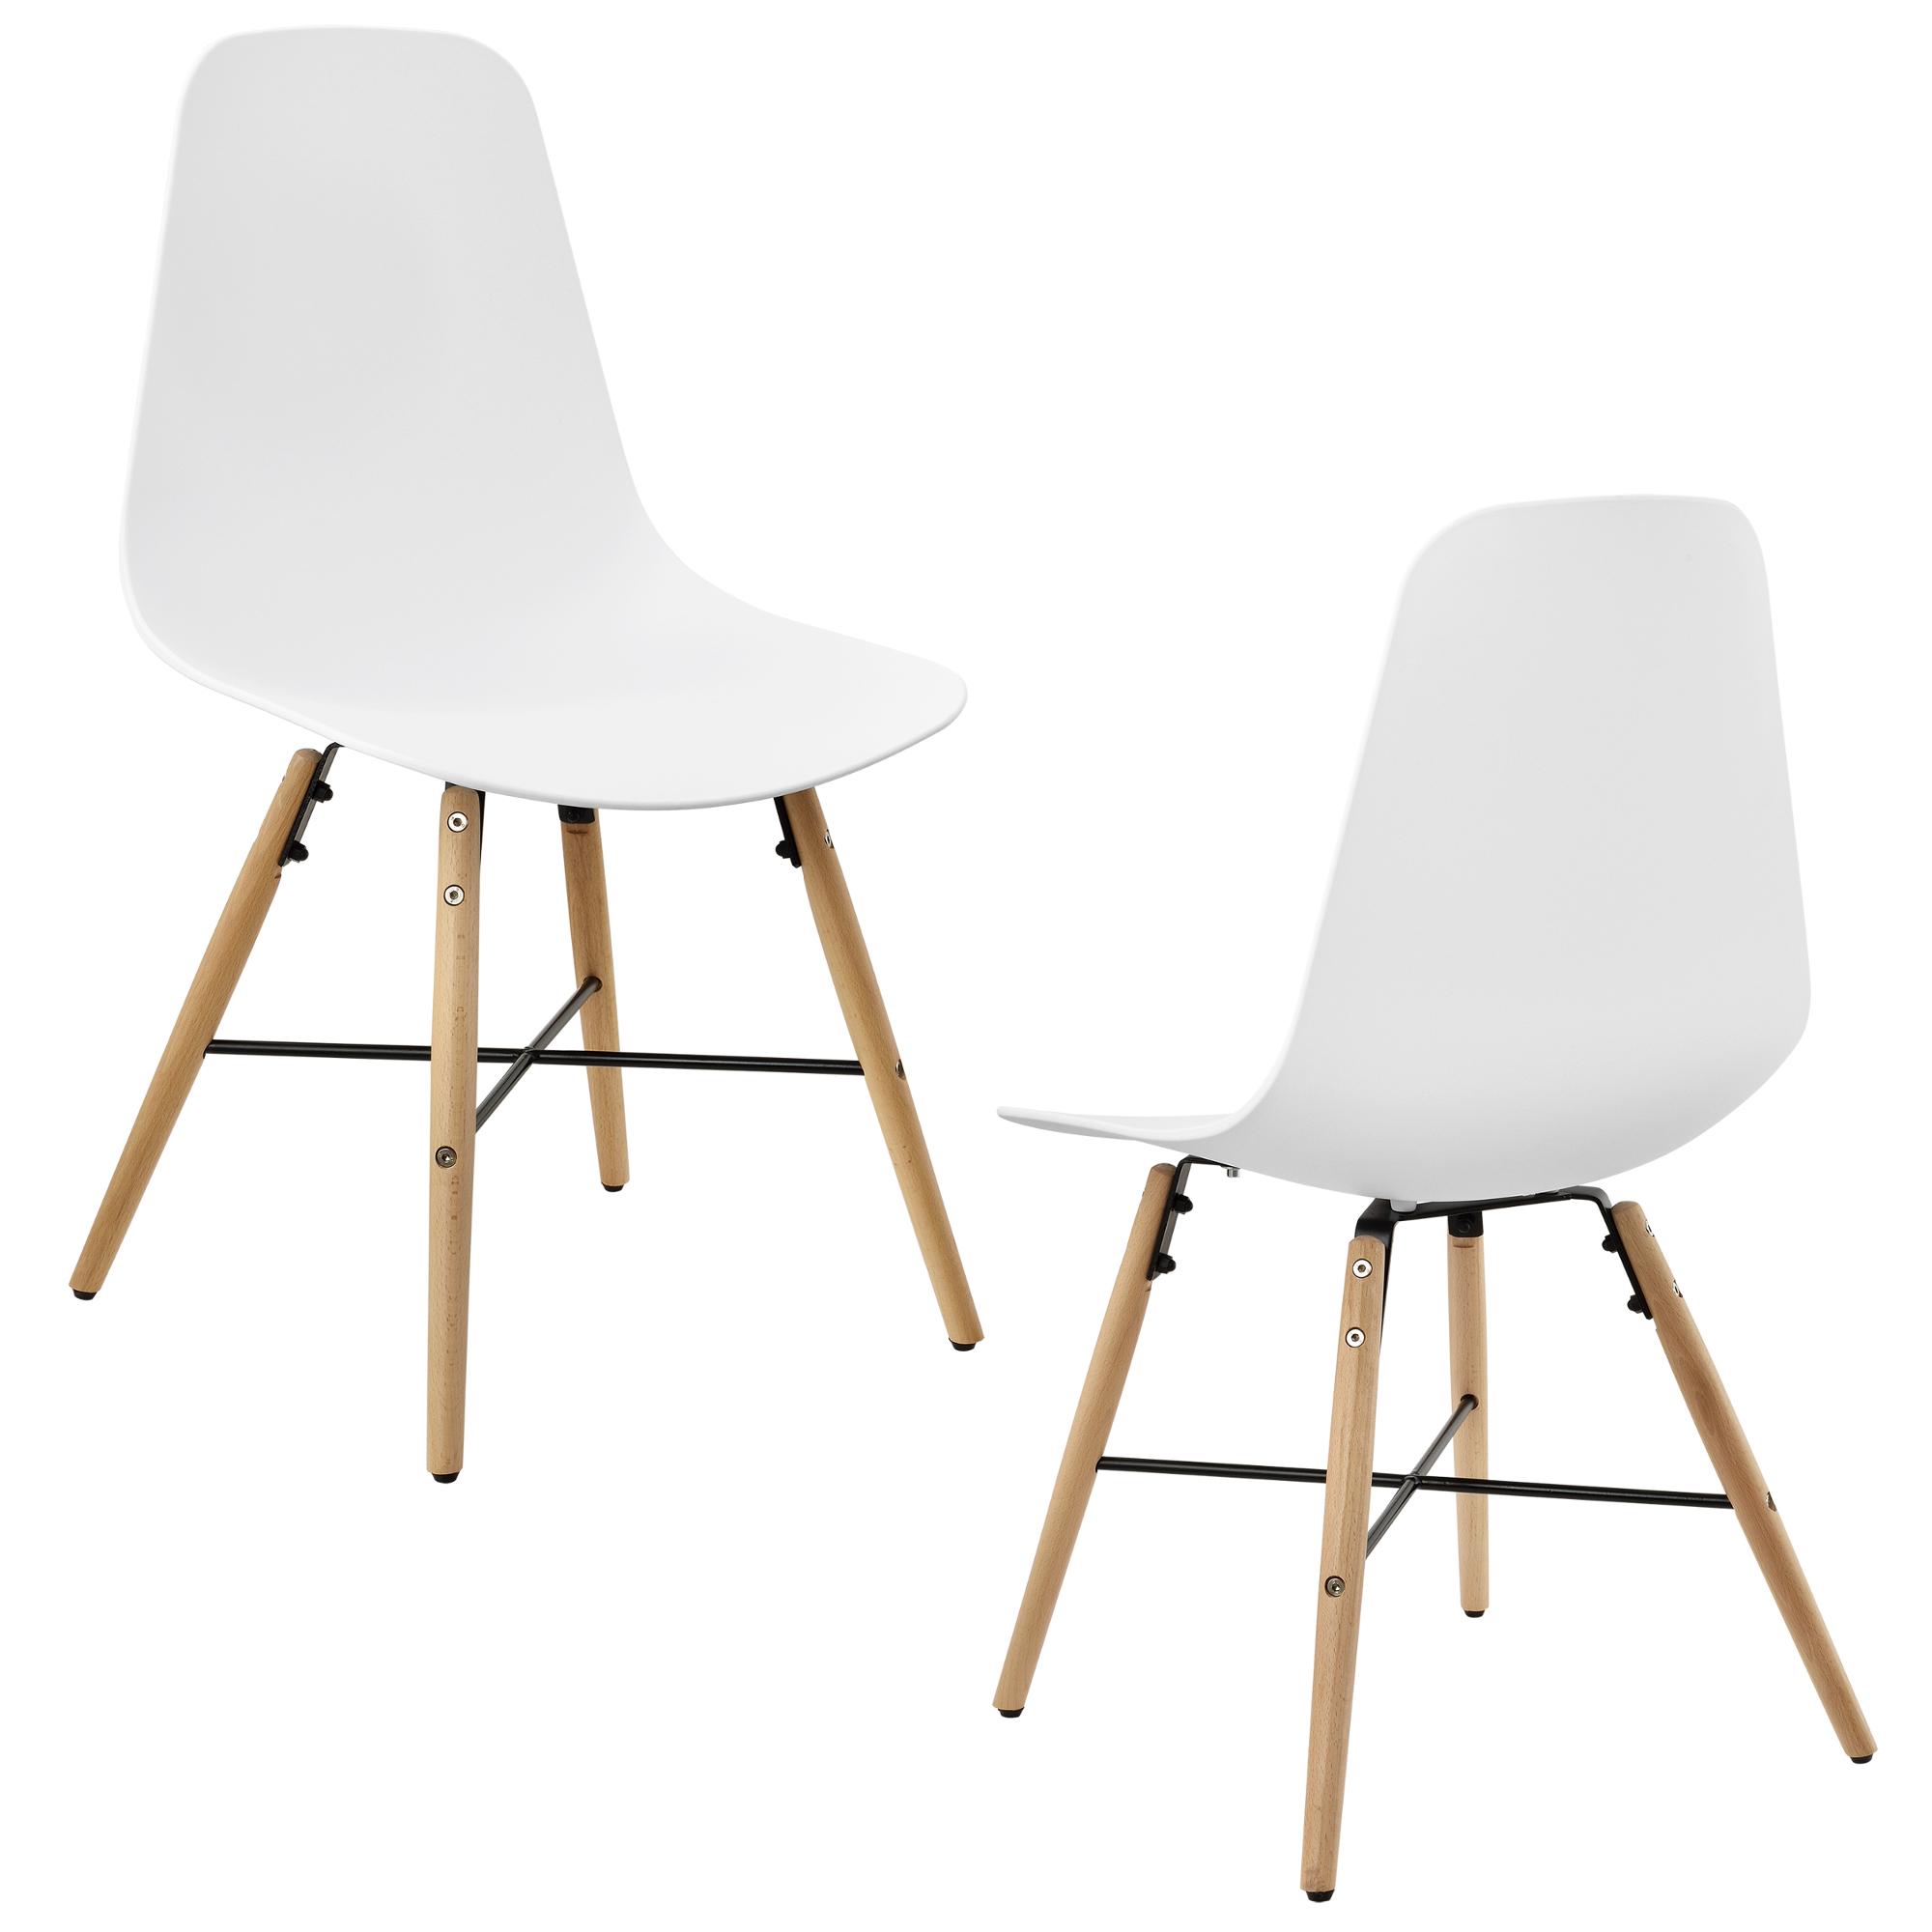 2x design st hle esszimmer grau stuhl holz for Stuhl design kunst